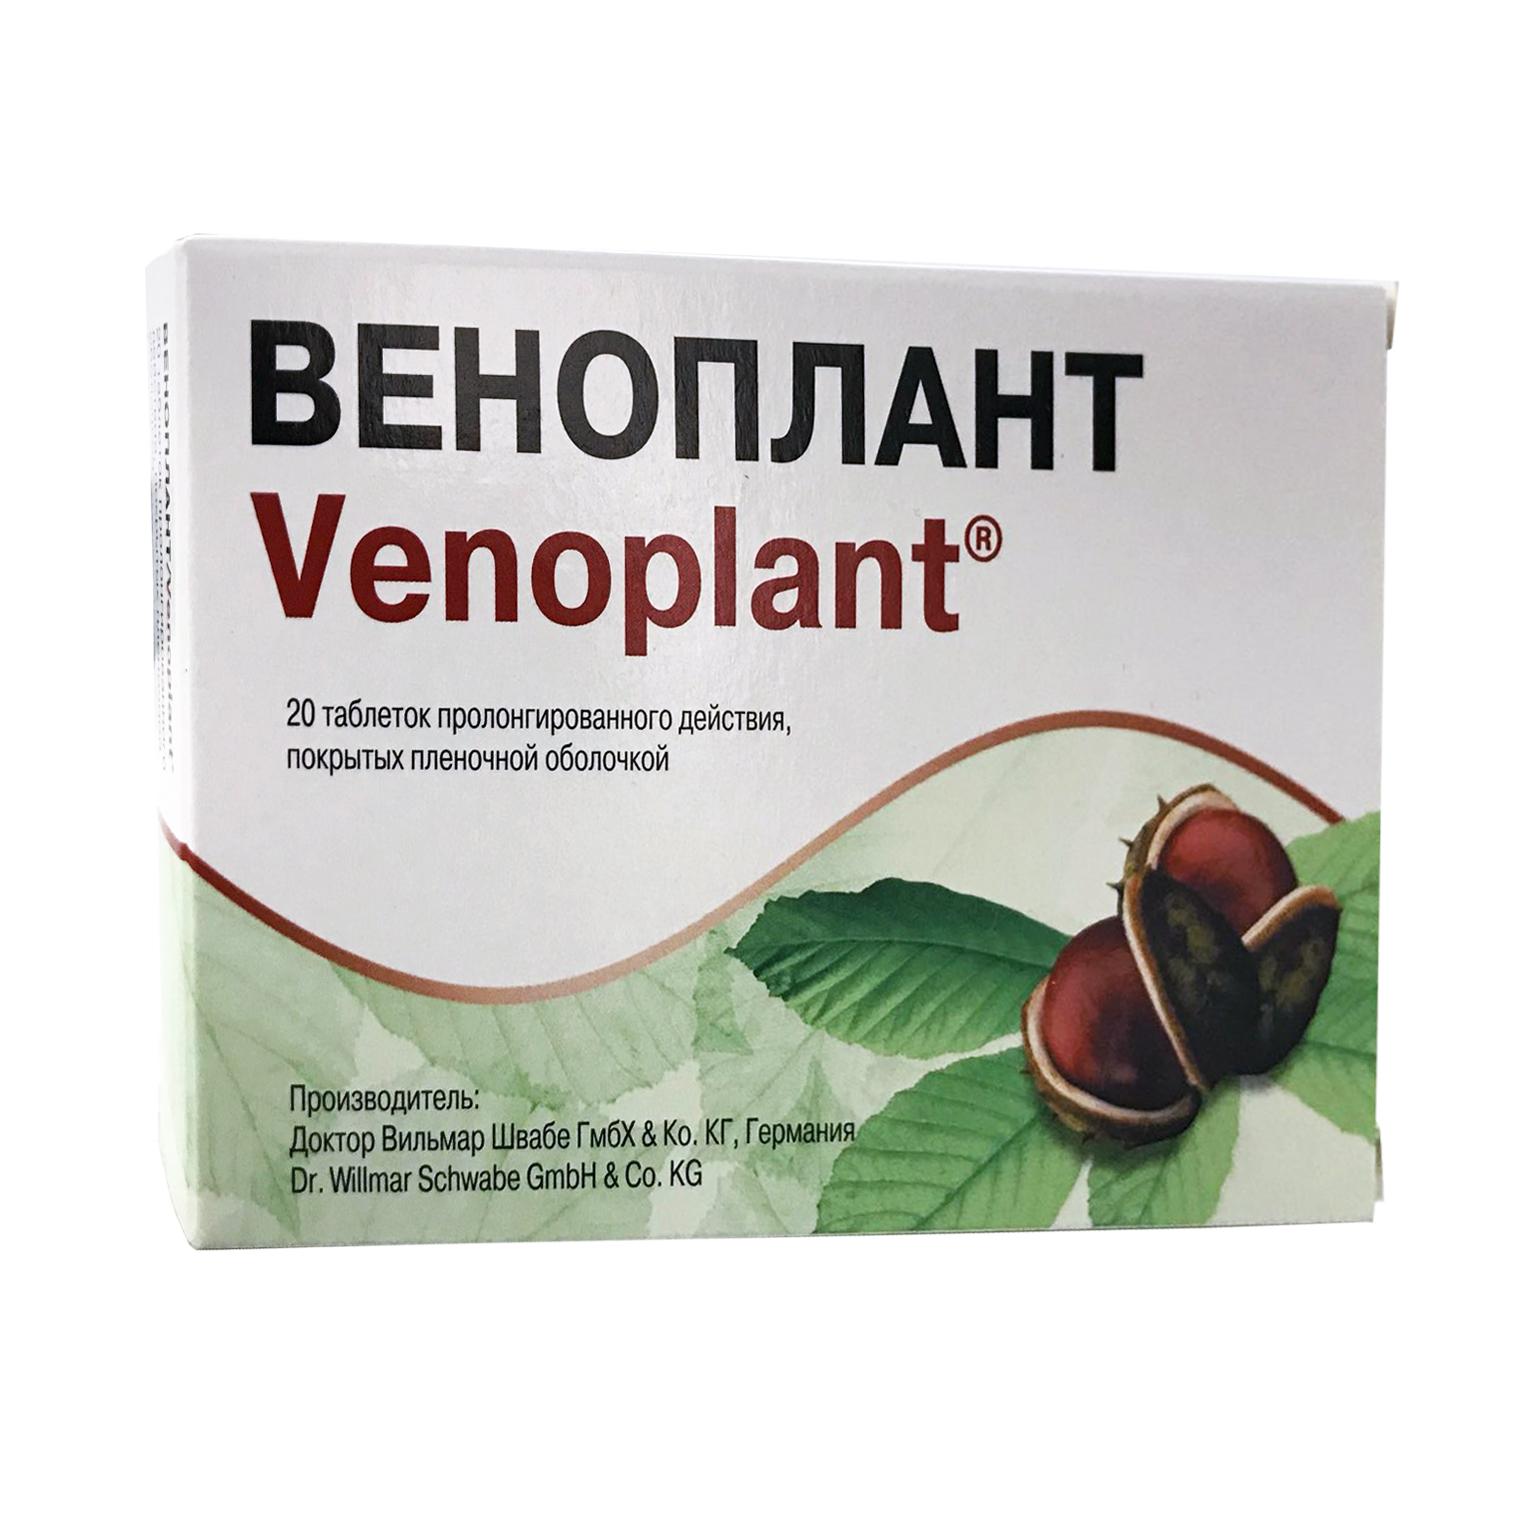 Веноплант: инструкция по применению, цена, отзыв врача